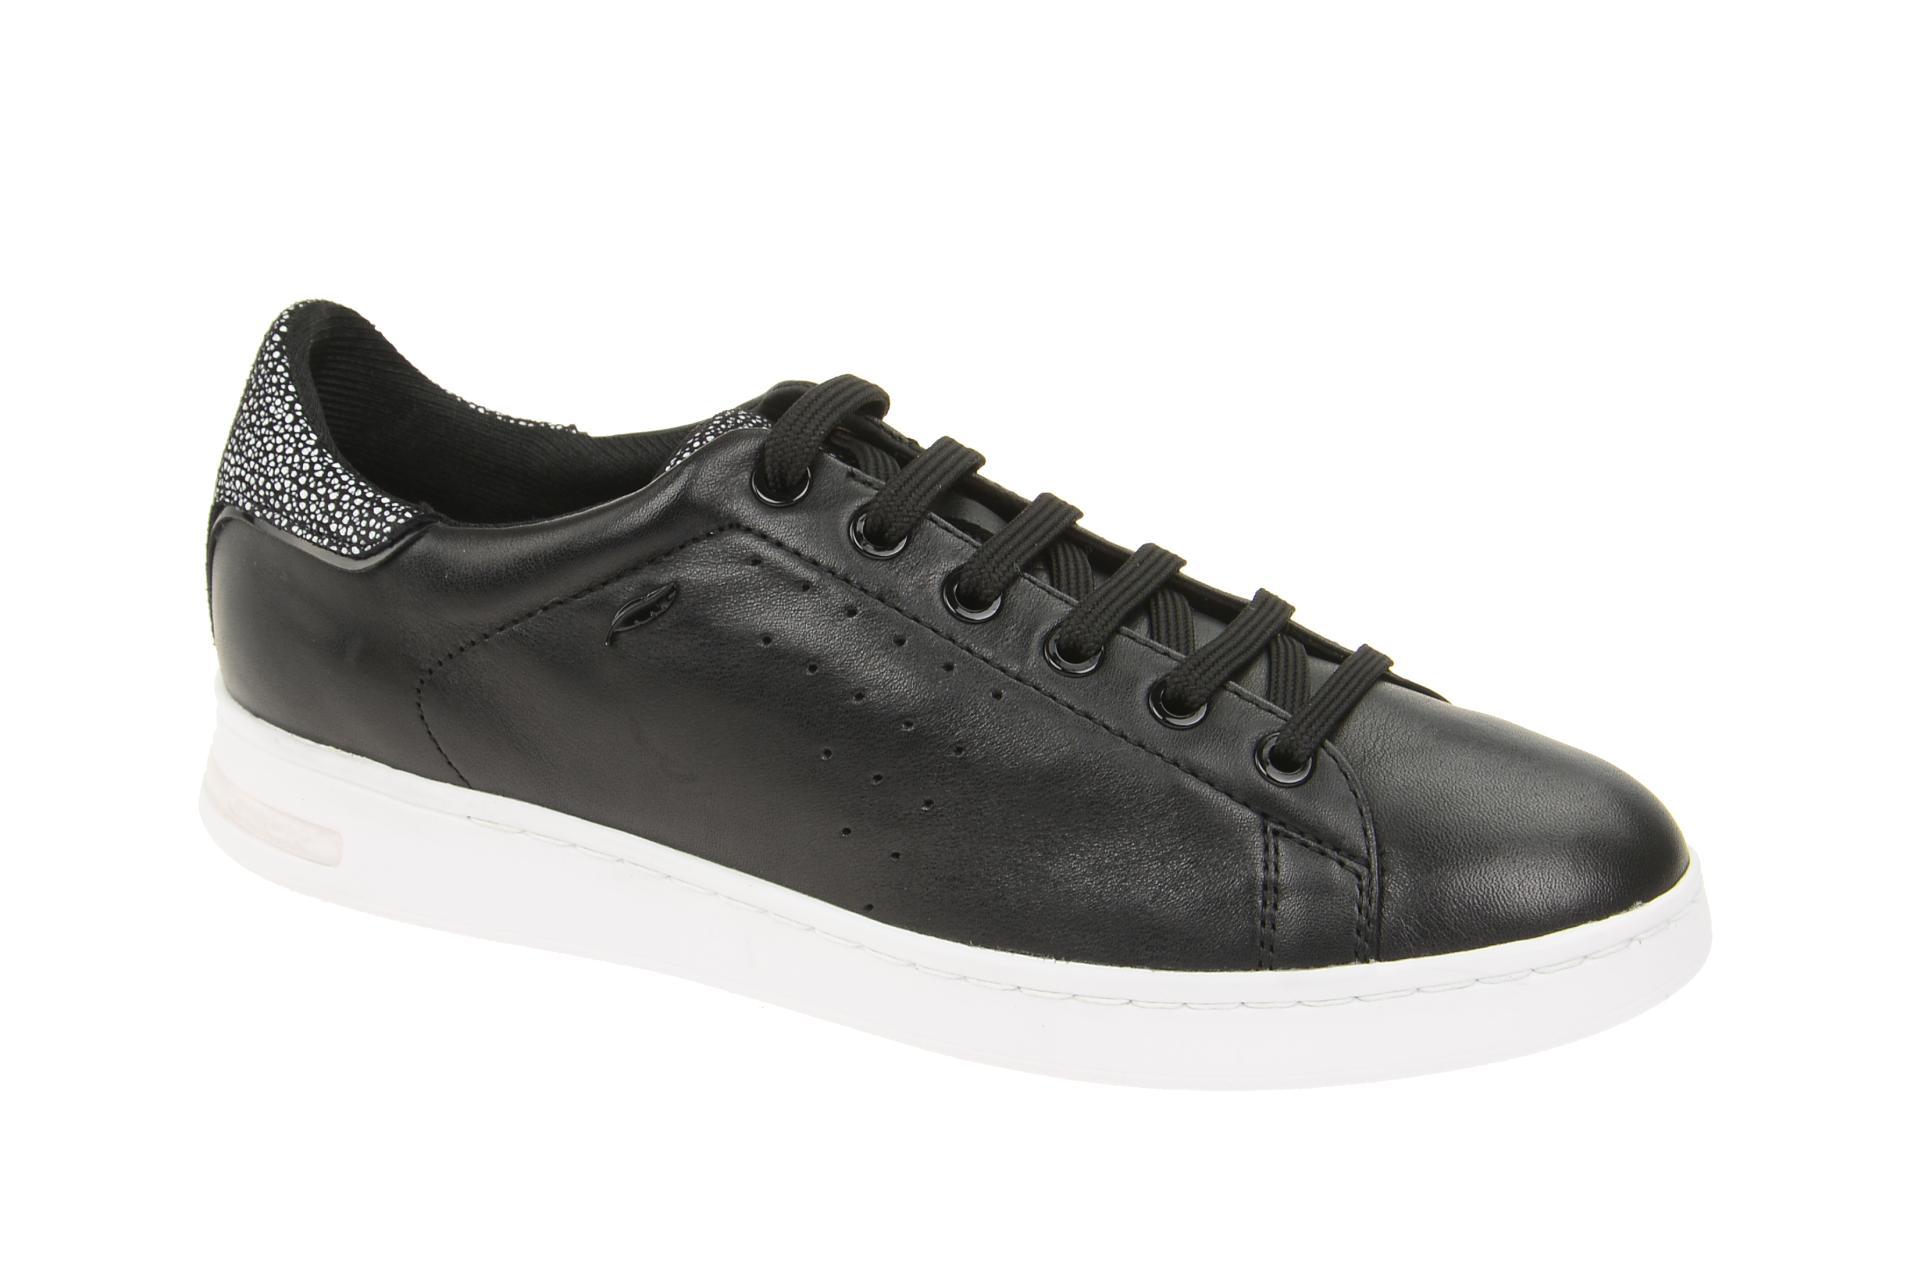 Geox Jaysen Damen Sneakers Turnschuhe Laufschuhe D621ba 000bv C2010 Weiss